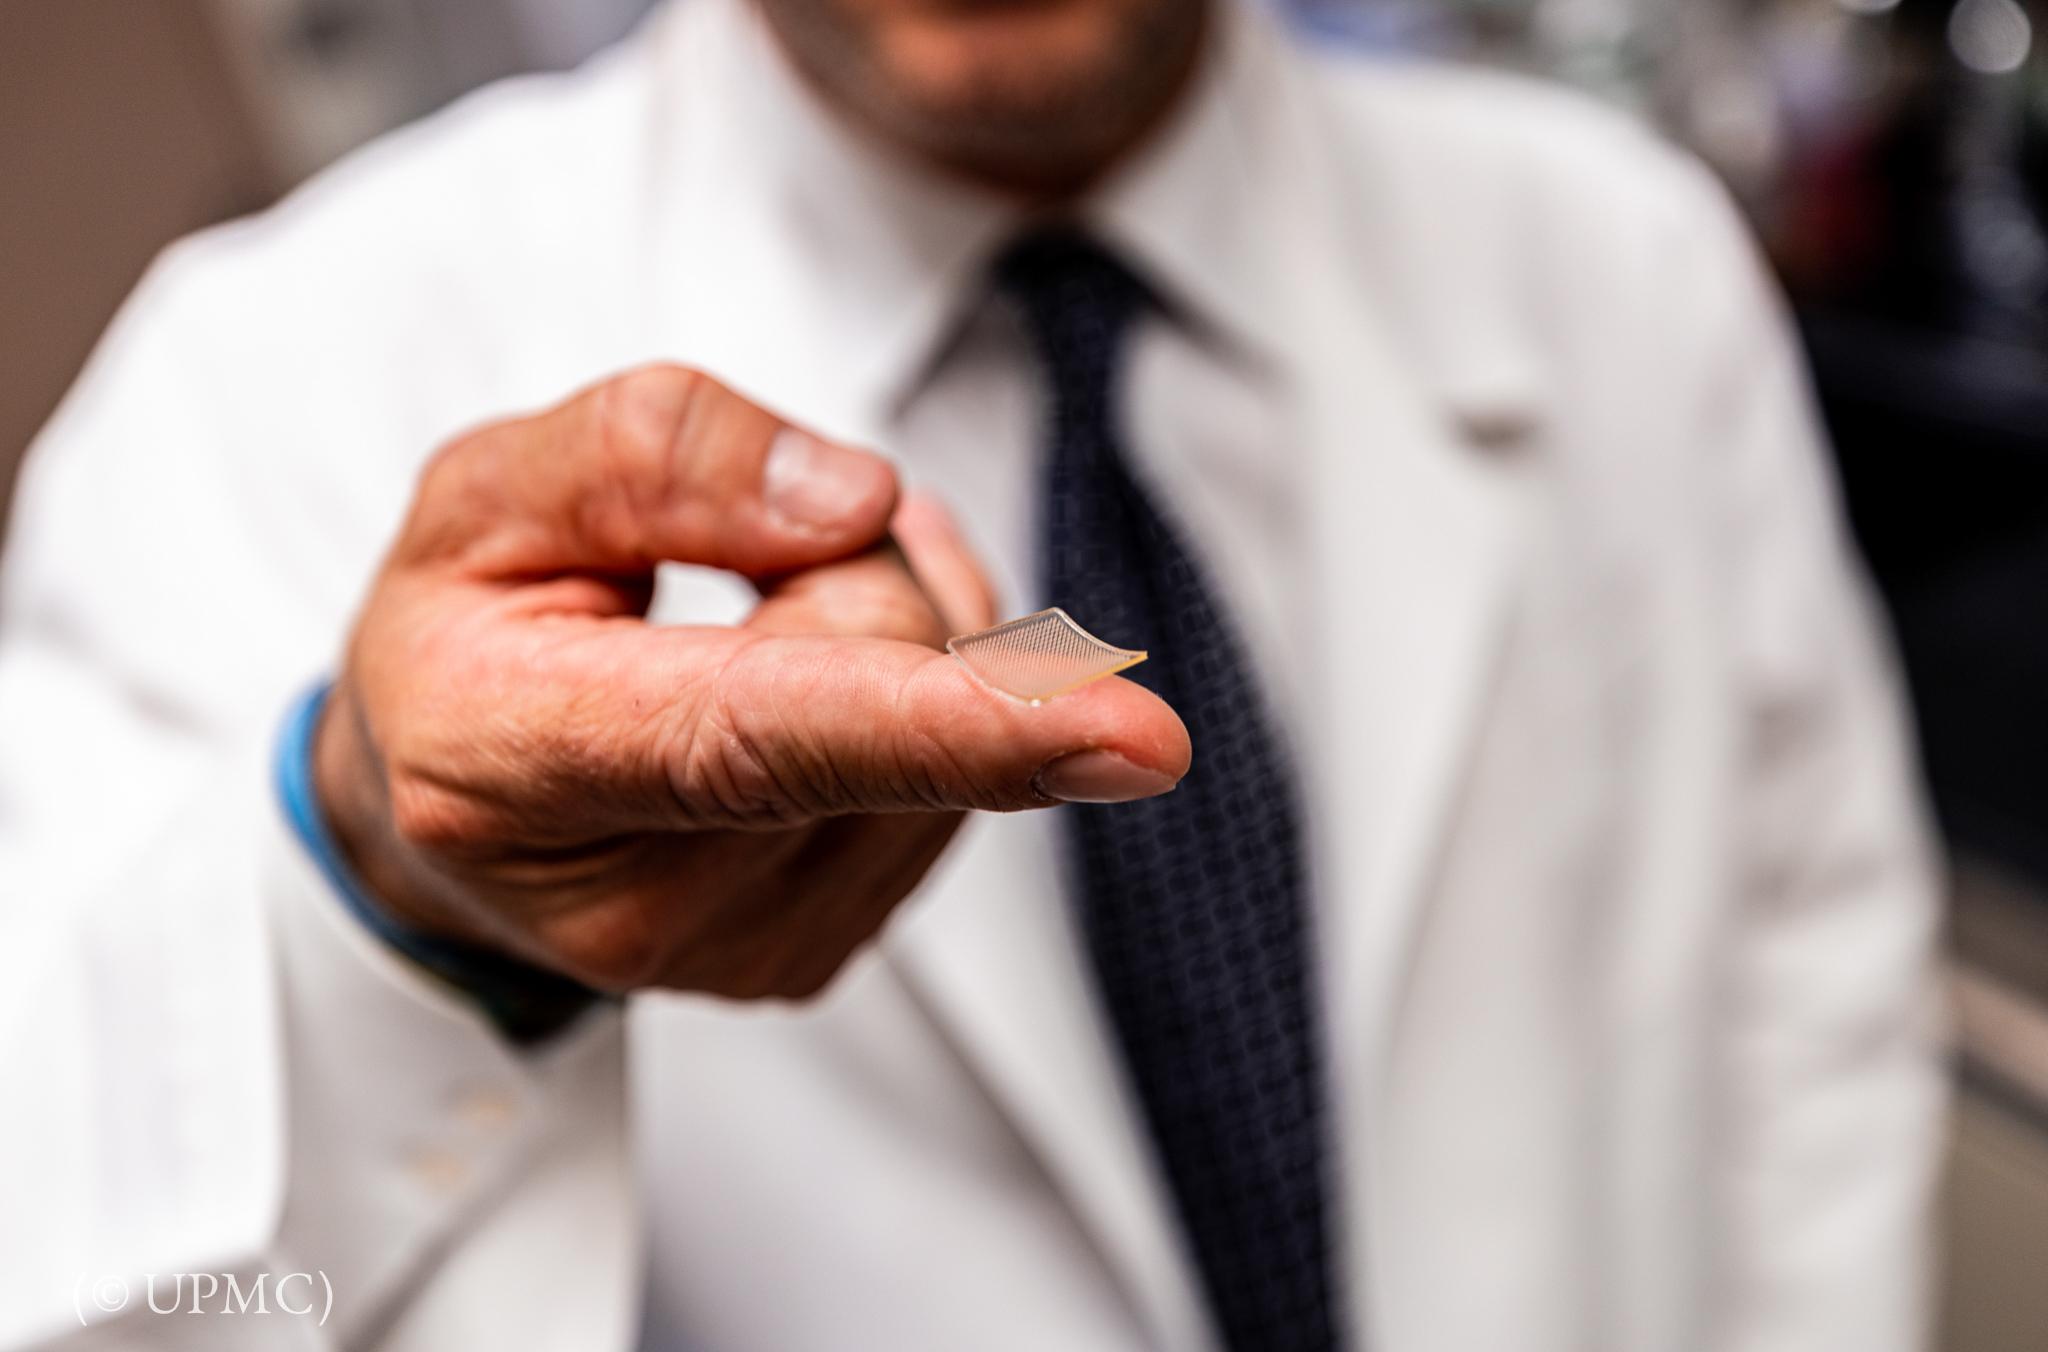 ایک آدمی کی انگلی پر مربع شکل کا چھوٹا سا ایک ٹکڑا۔ (© UPMC)